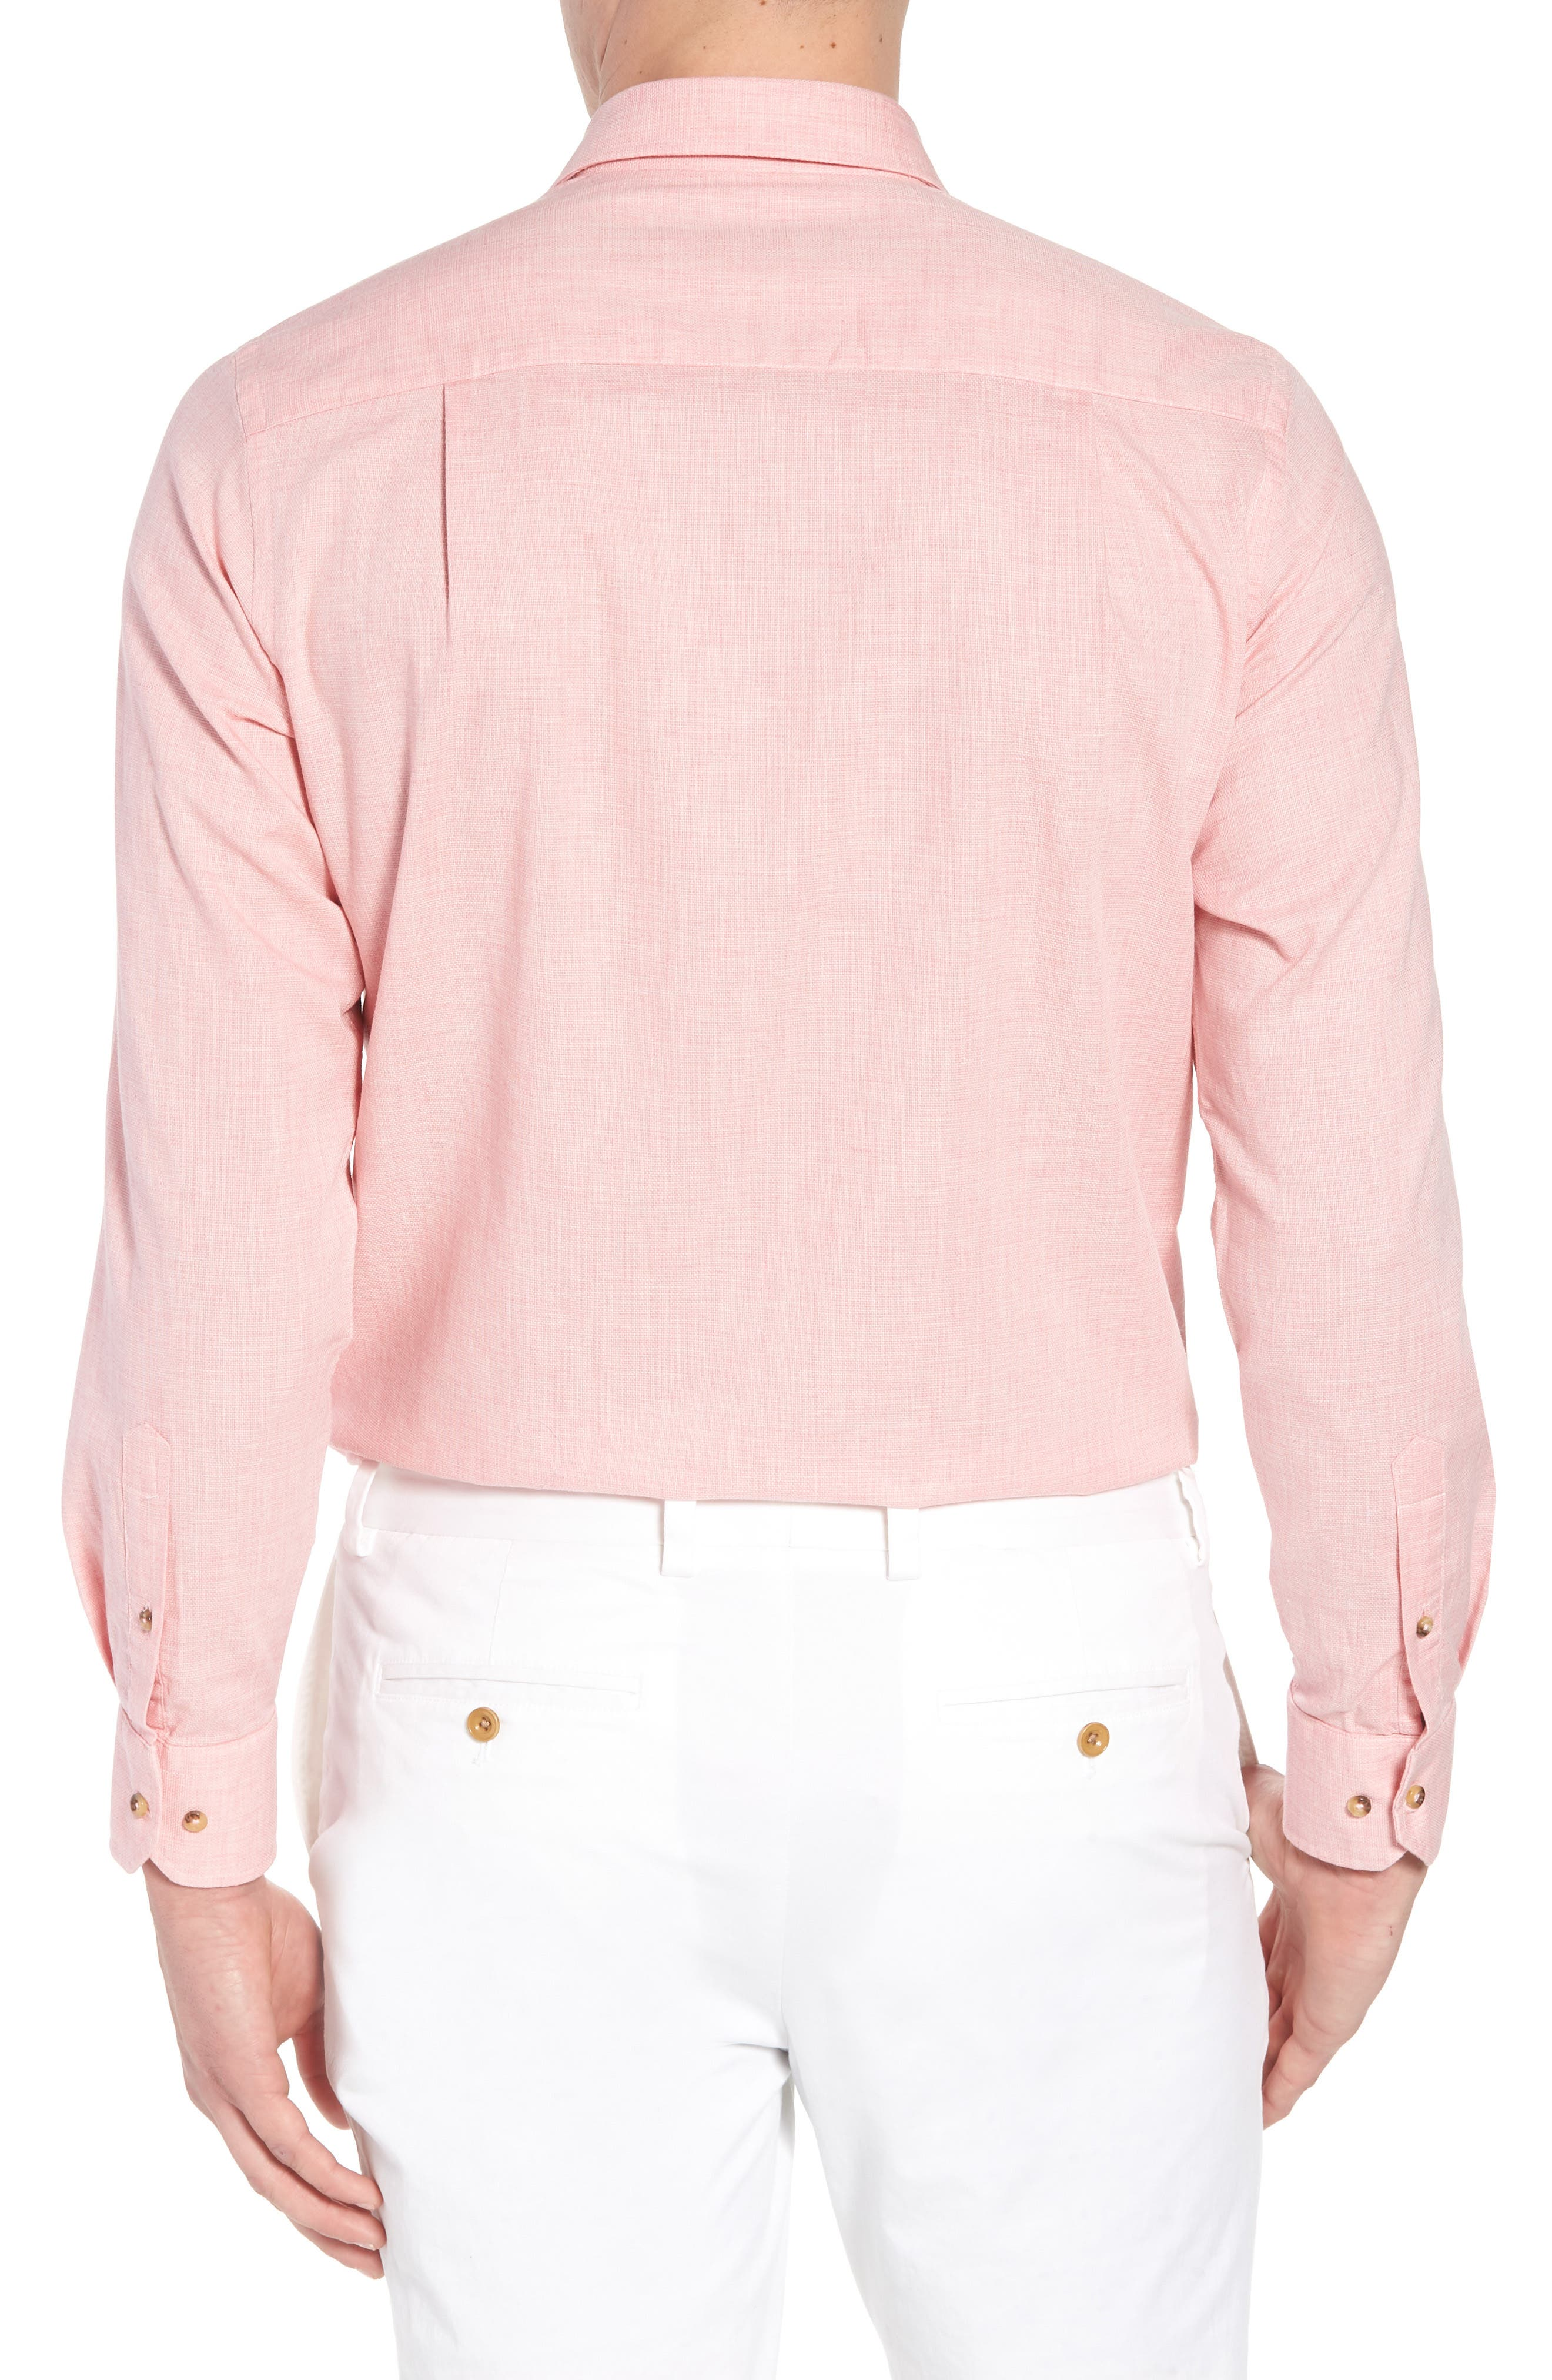 Regular Fit Garment Washed Mélange Sport Shirt,                             Alternate thumbnail 2, color,                             650